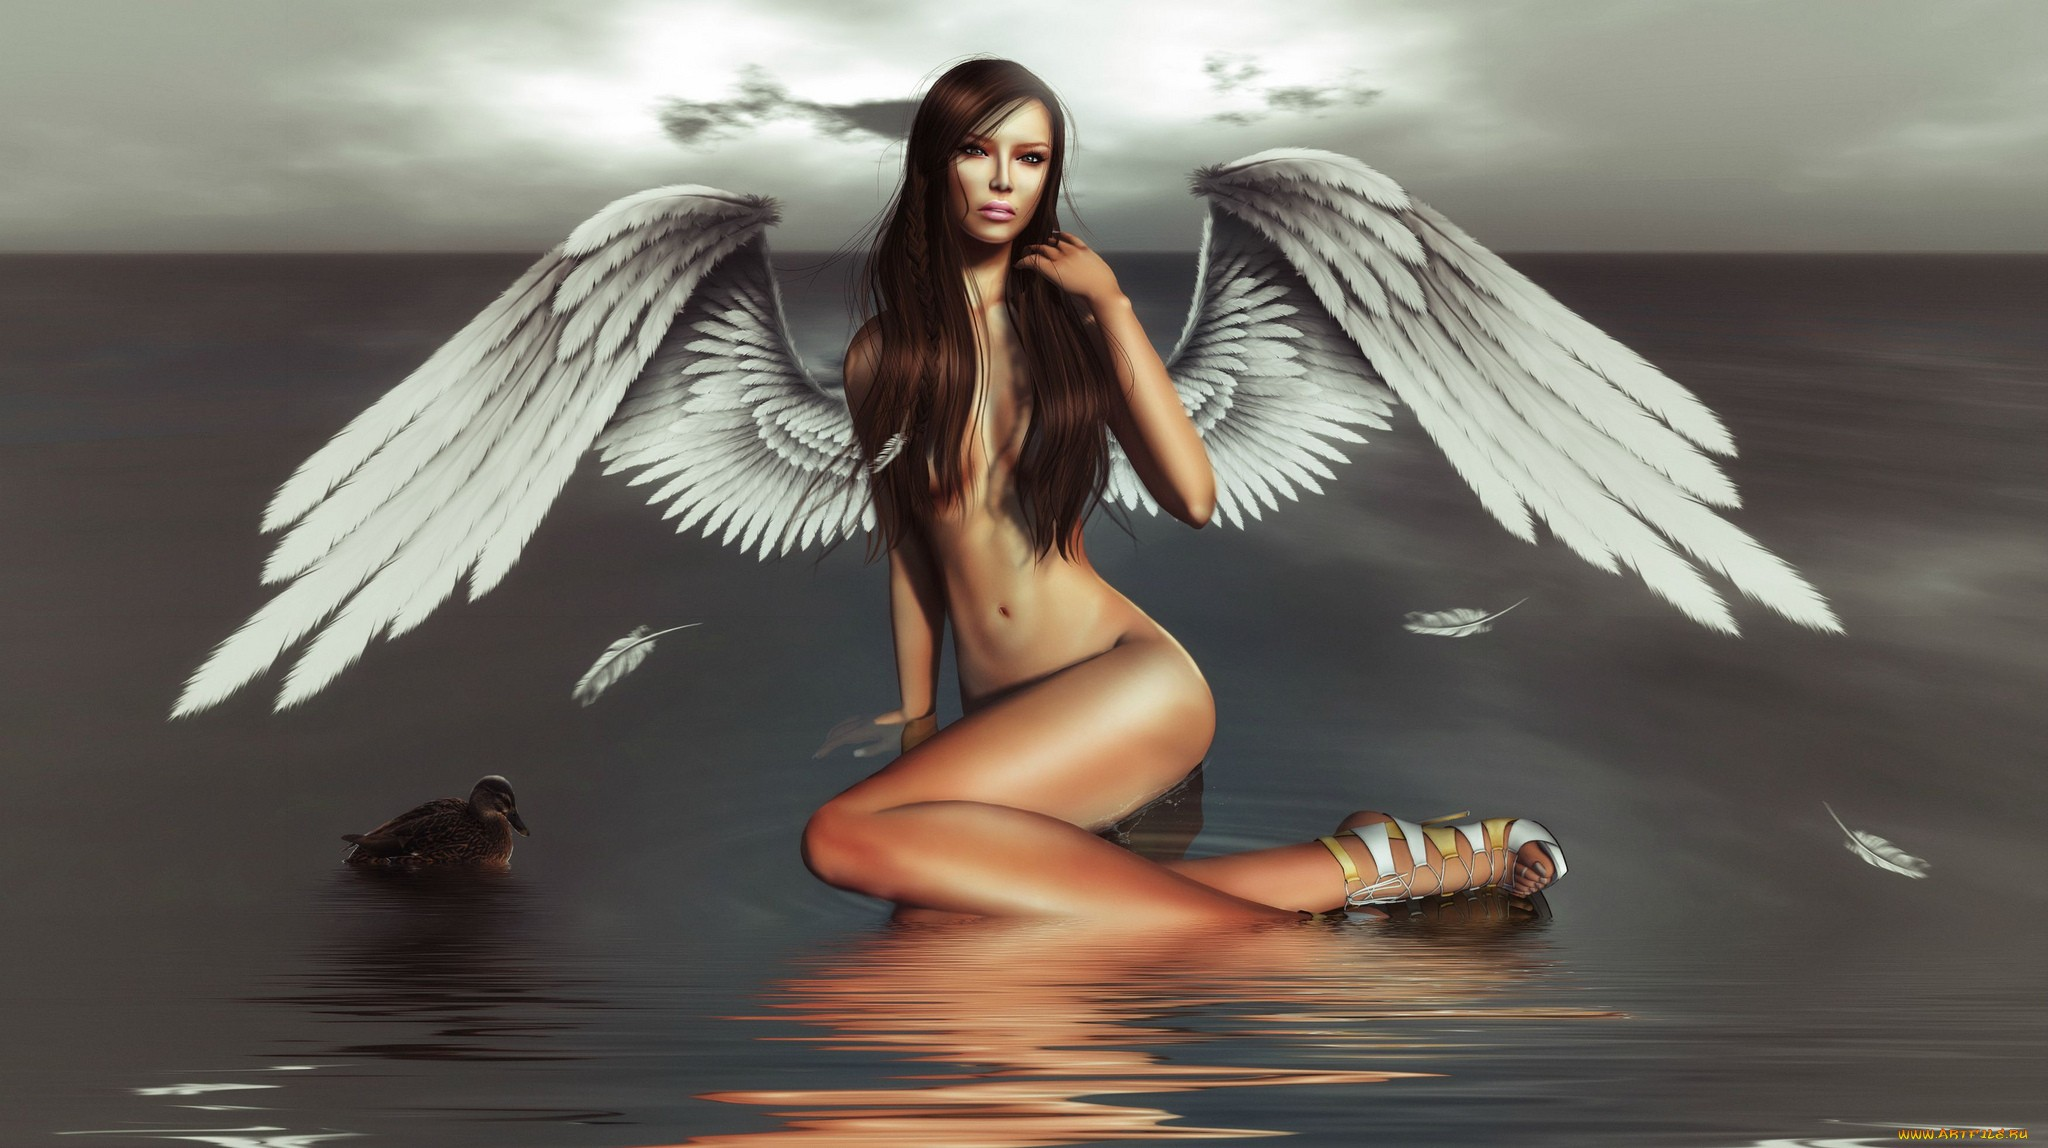 Ан ангел эрофото, молодая девушка с широкой вагиной